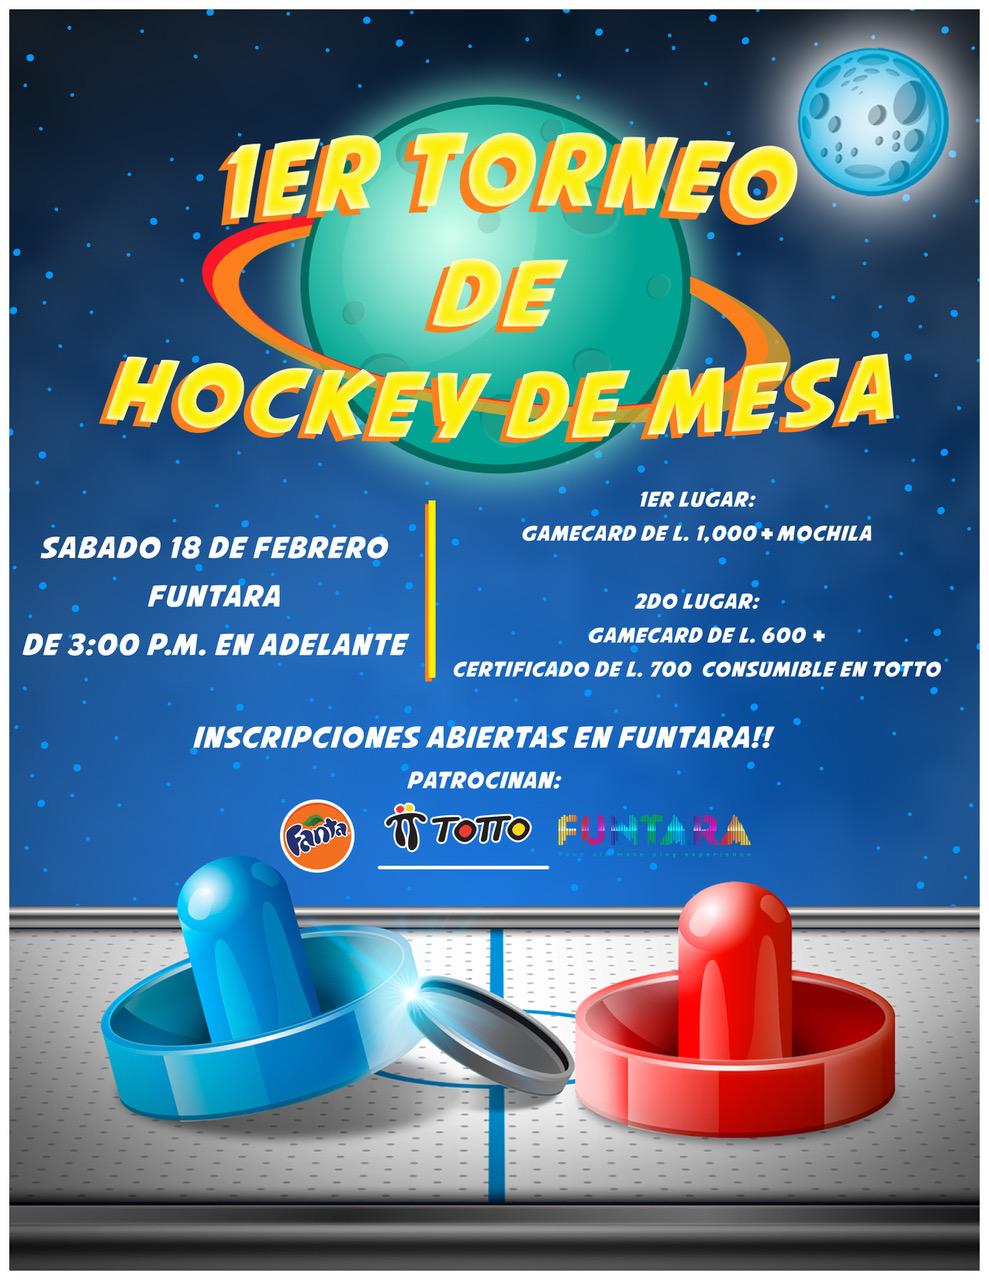 Torneo de Hockey de Mesa en Funtara